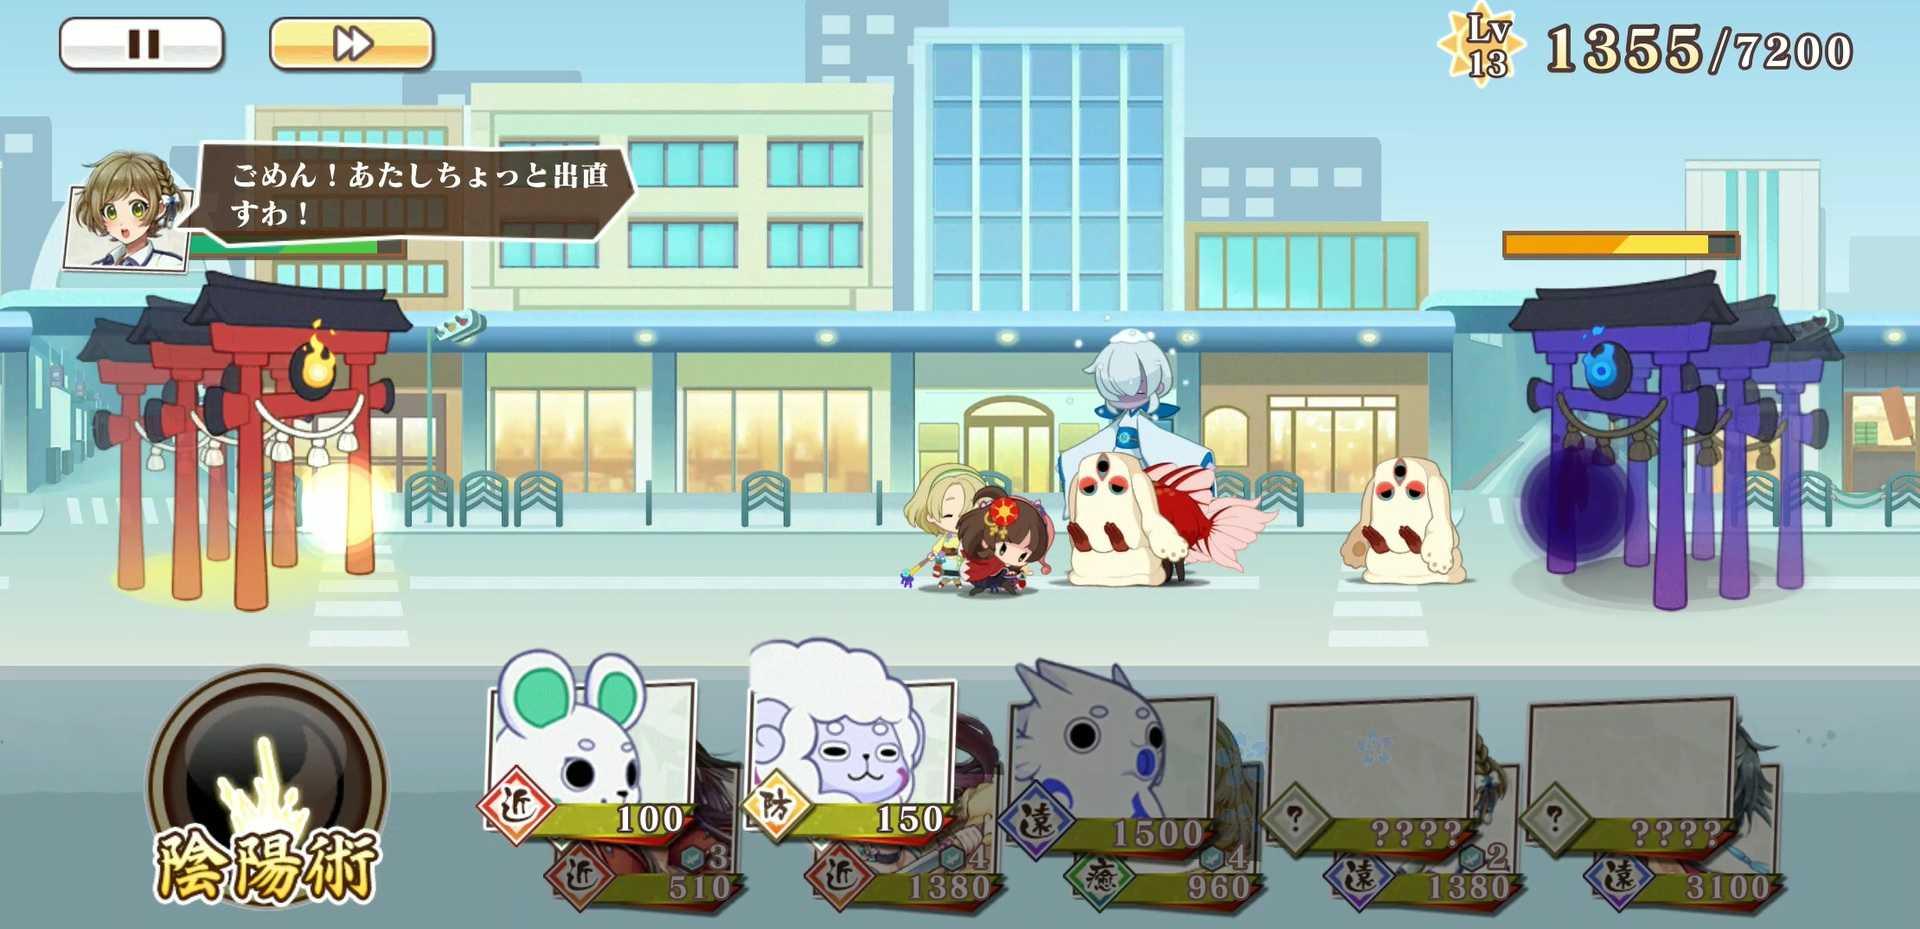 京刀のナユタ-ゲームレビュー